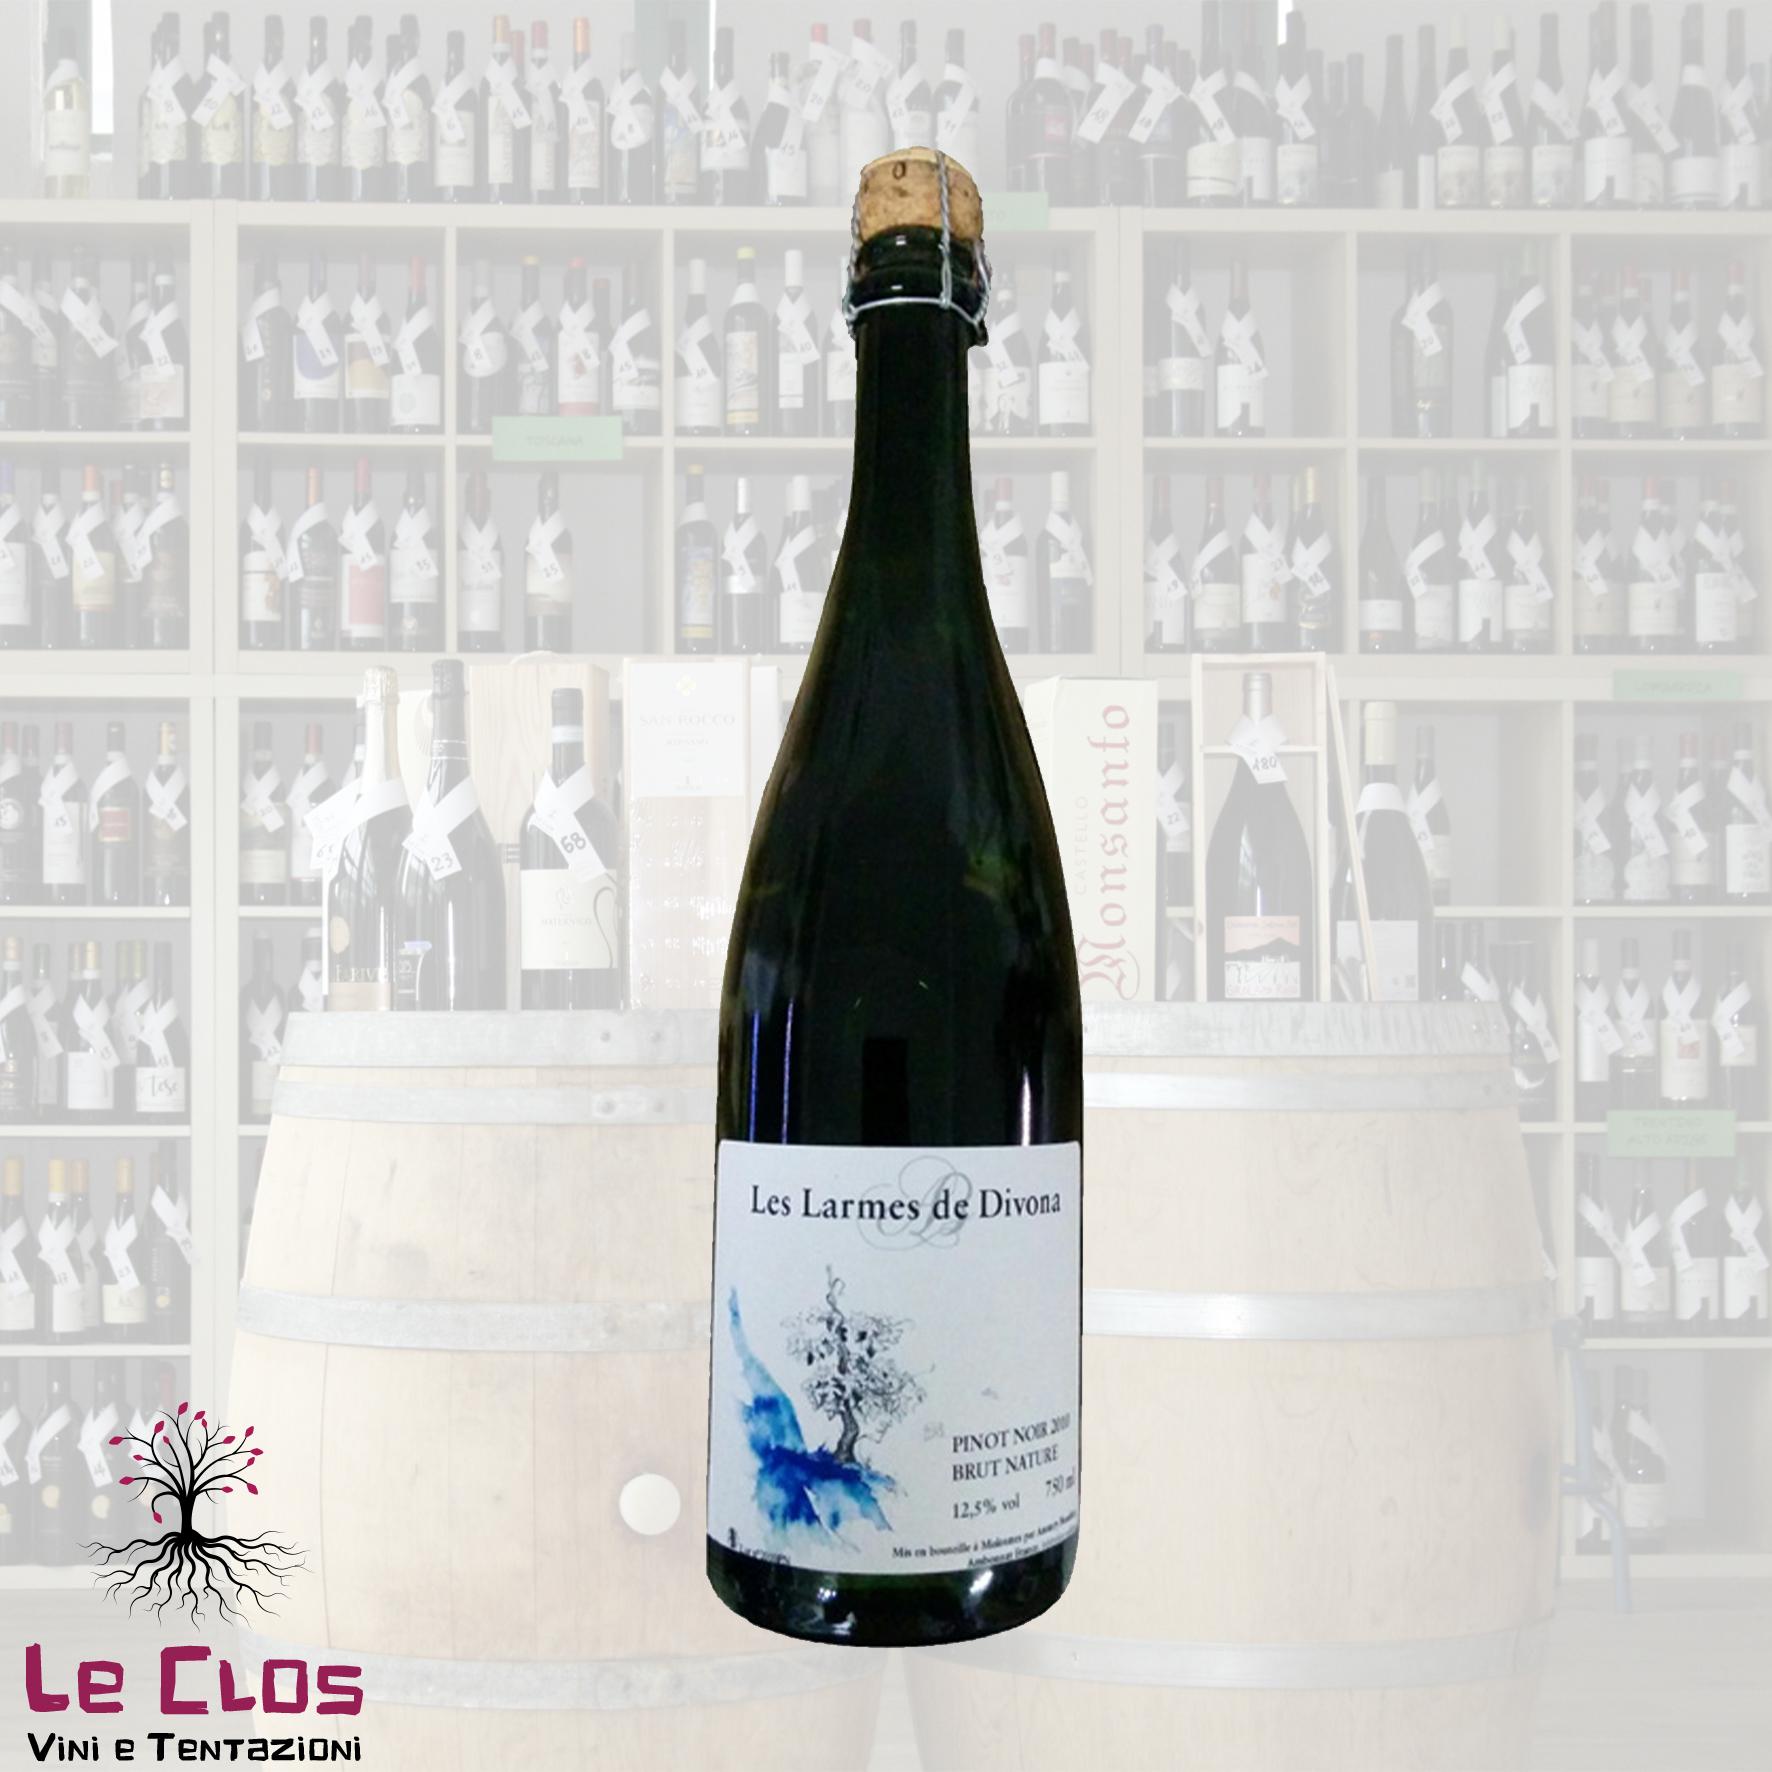 Vino rosso Les Larmes de Divona Chardonnay